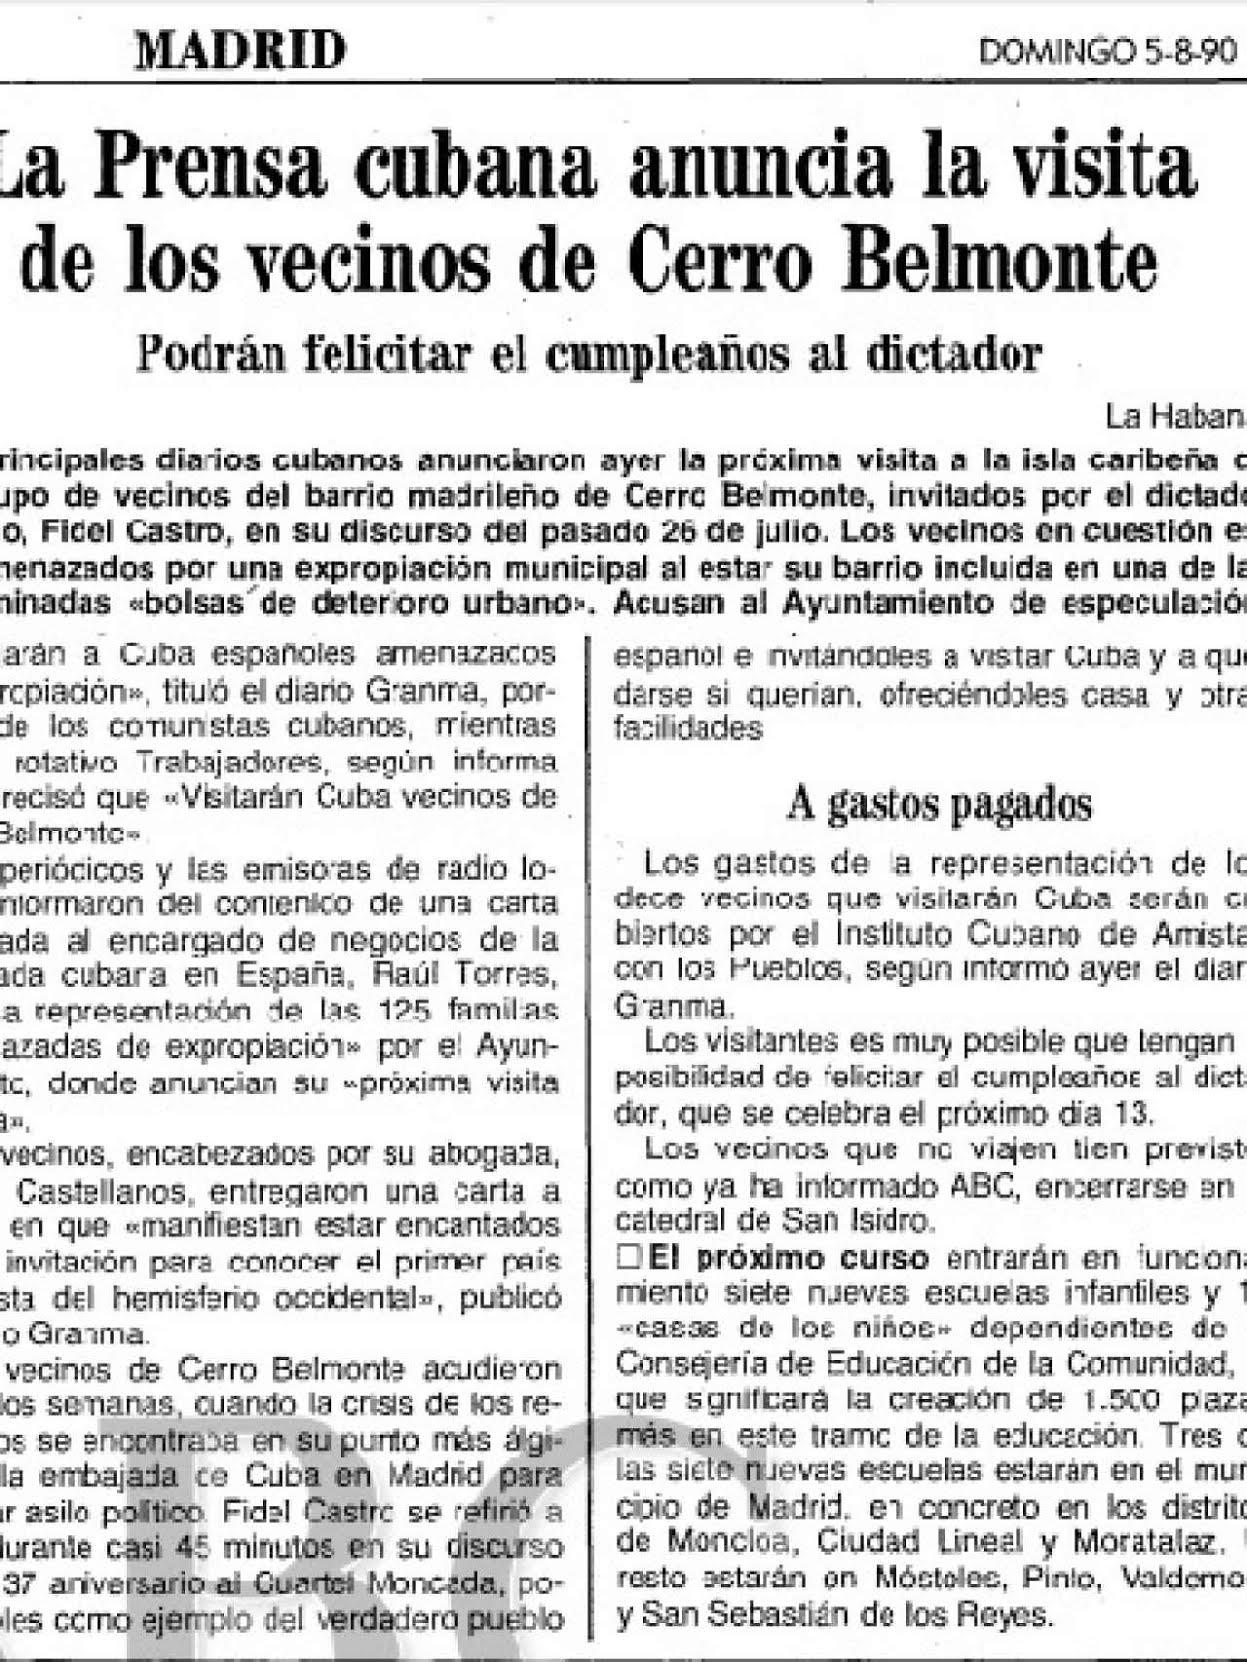 La prensa cubana hablaba de Cerro Belmonte y el diario ABC se hacía eco